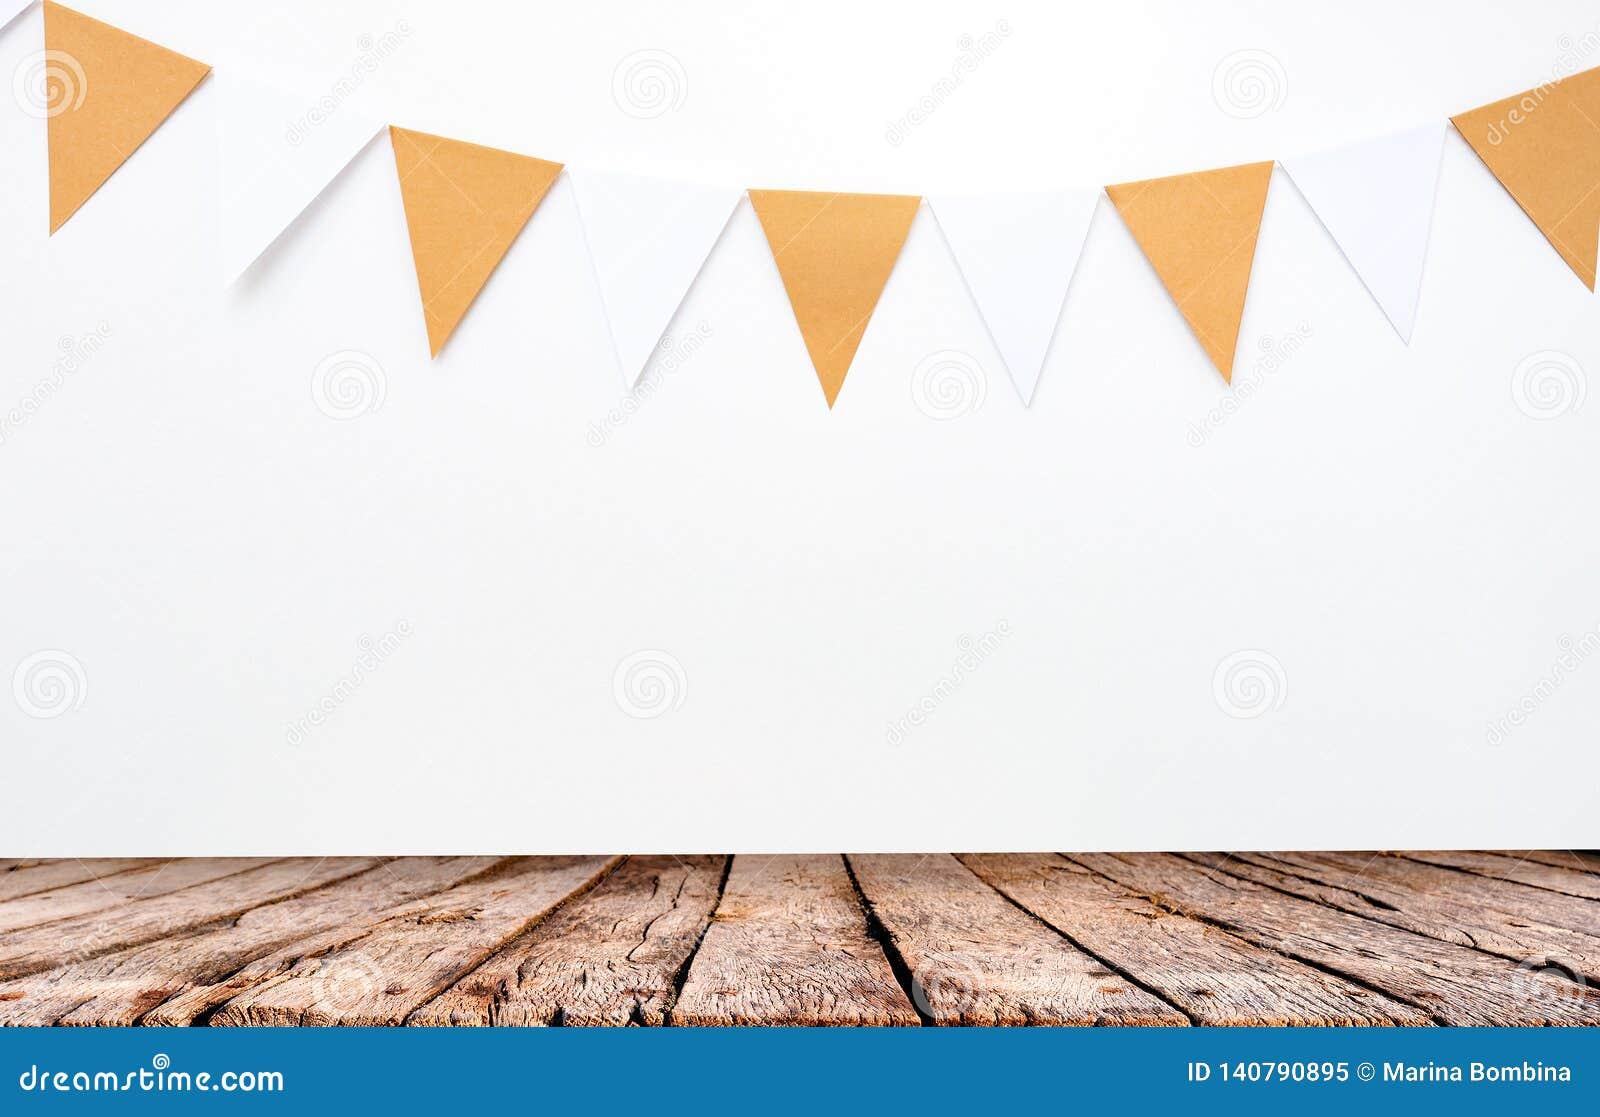 Holztisch und hängende Papierflaggen auf weißem Wandhintergrund, Dekoreinzelteile für Partei, Festival, feiern Ereignis